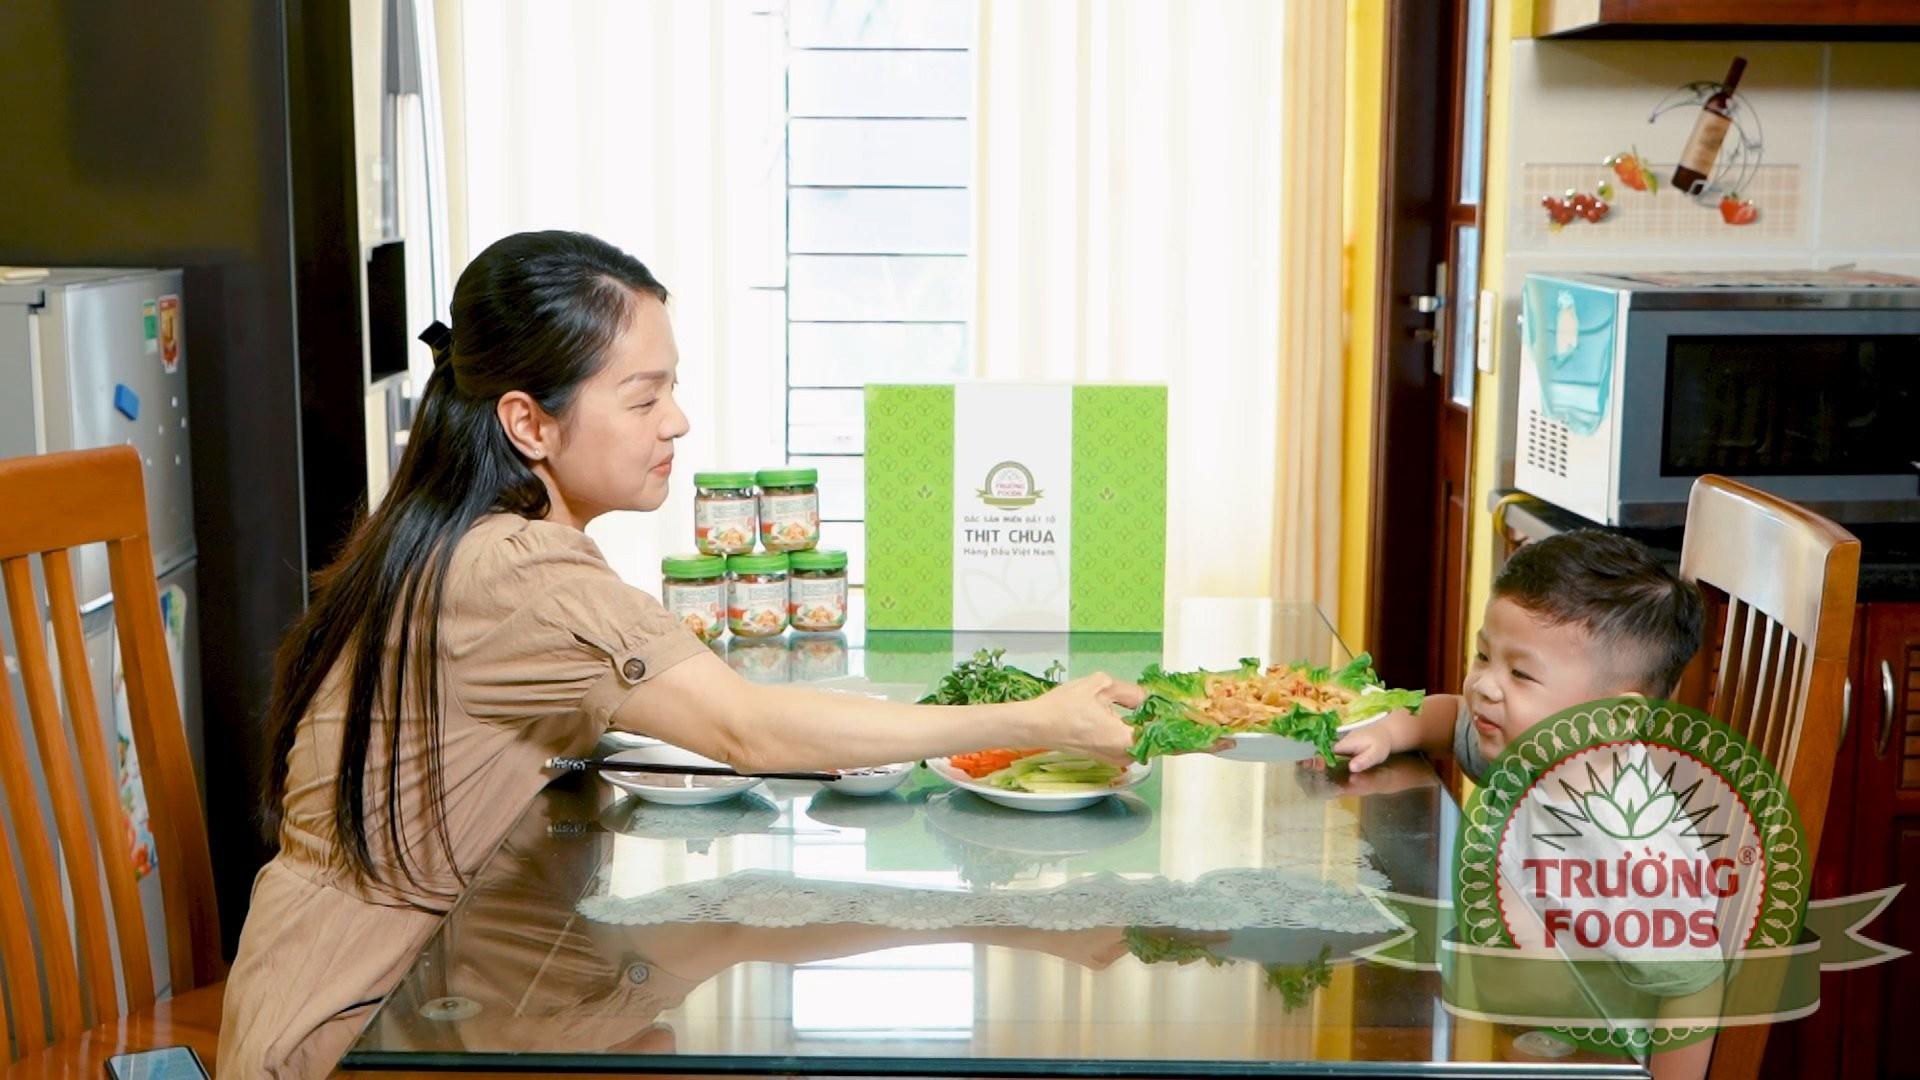 Bé nhà chị Hà Kiều Oanh hào hứng thích thú khi được thưởng thức thịt chua Trường Foods